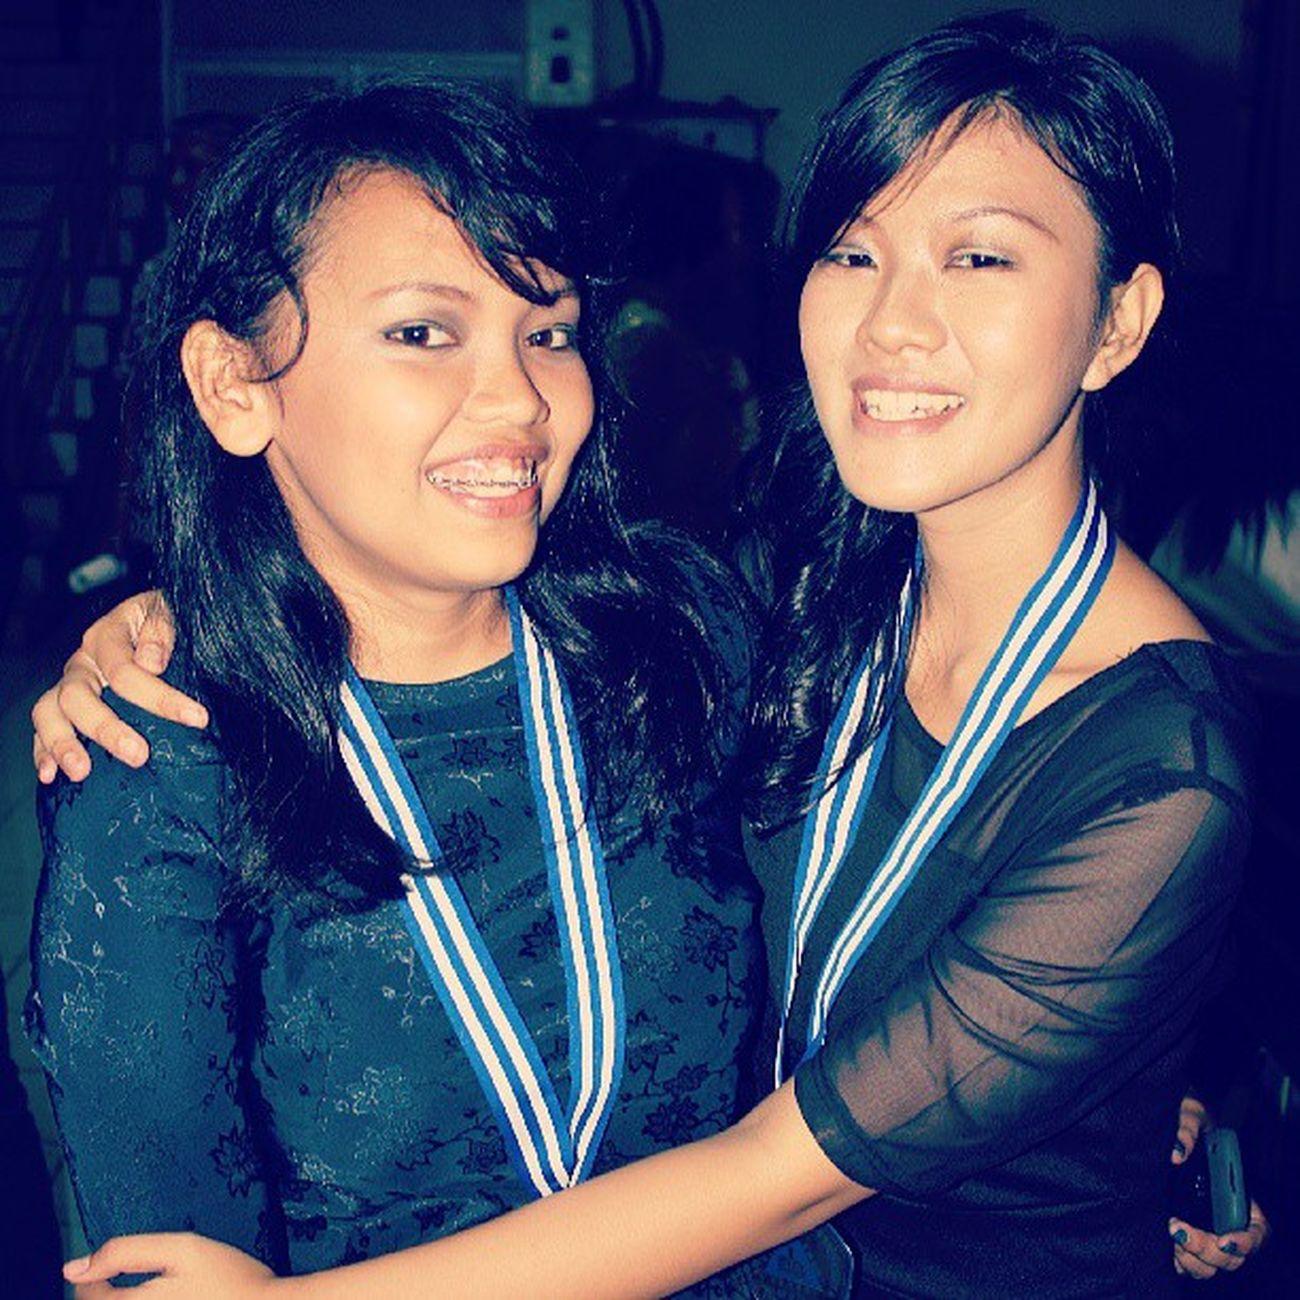 """Salah satu sahabat,penasehat,saudara seiman,teman seperjuangan yang sangat baik. Seneng bisa kenal dia @nobelsilalahi :"""") Graduation Bestfriend Social1 Yesterday girls"""